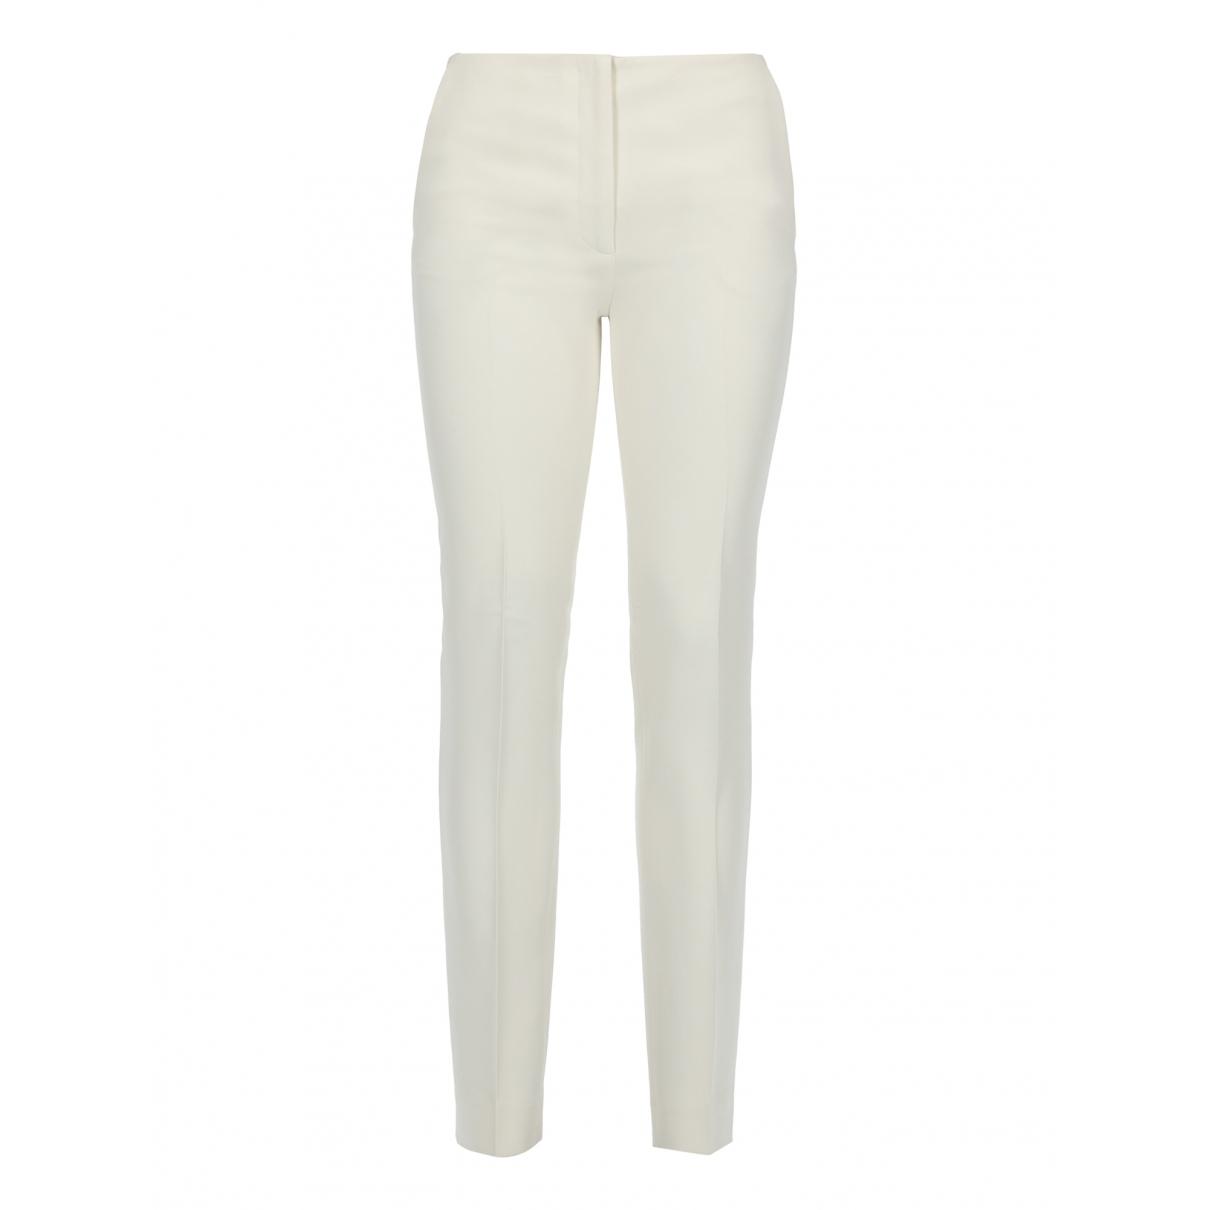 Miu Miu \N White Trousers for Women 38 IT